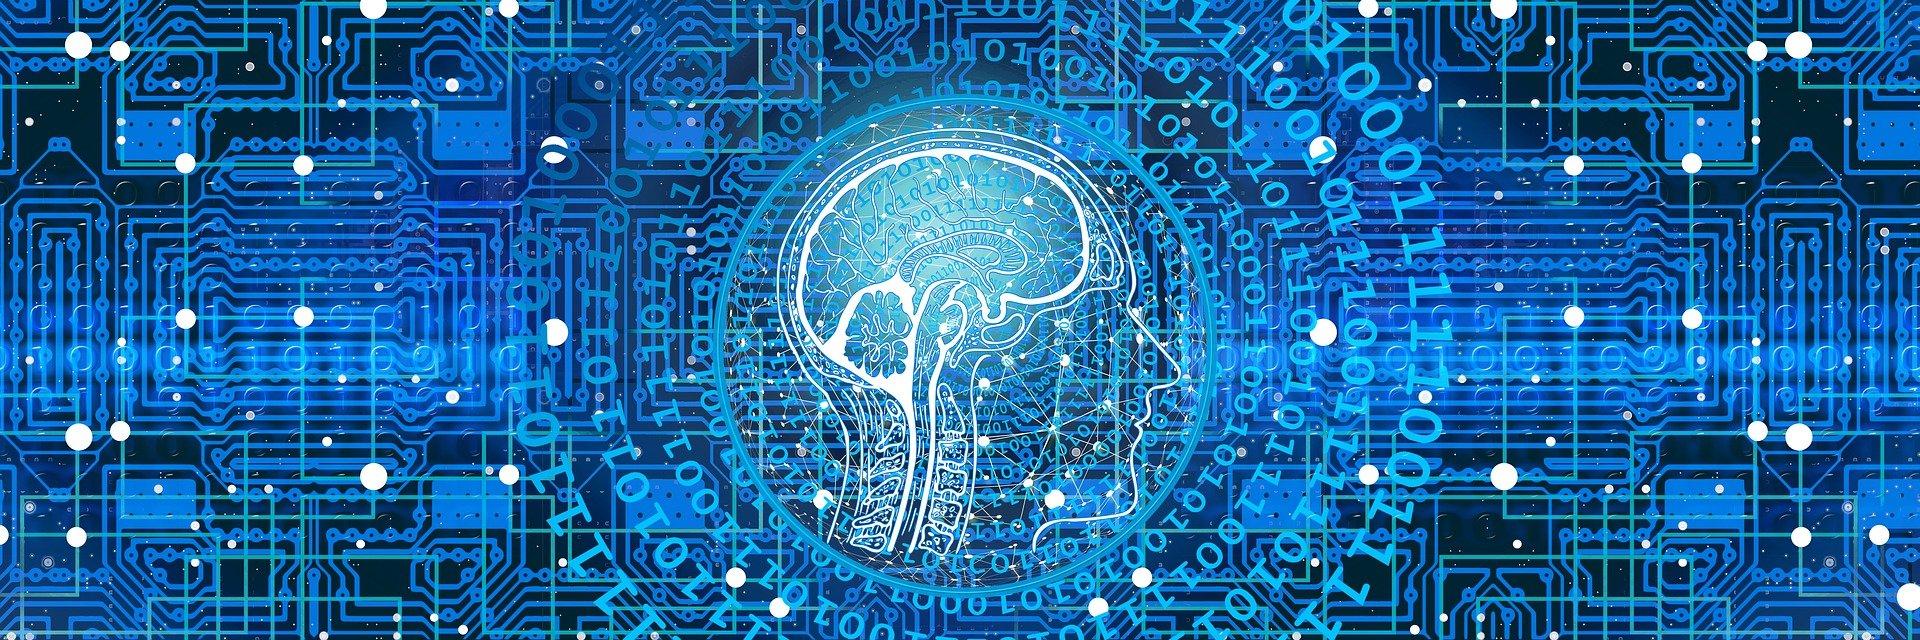 Науковедение и защита интеллектуальной собственности